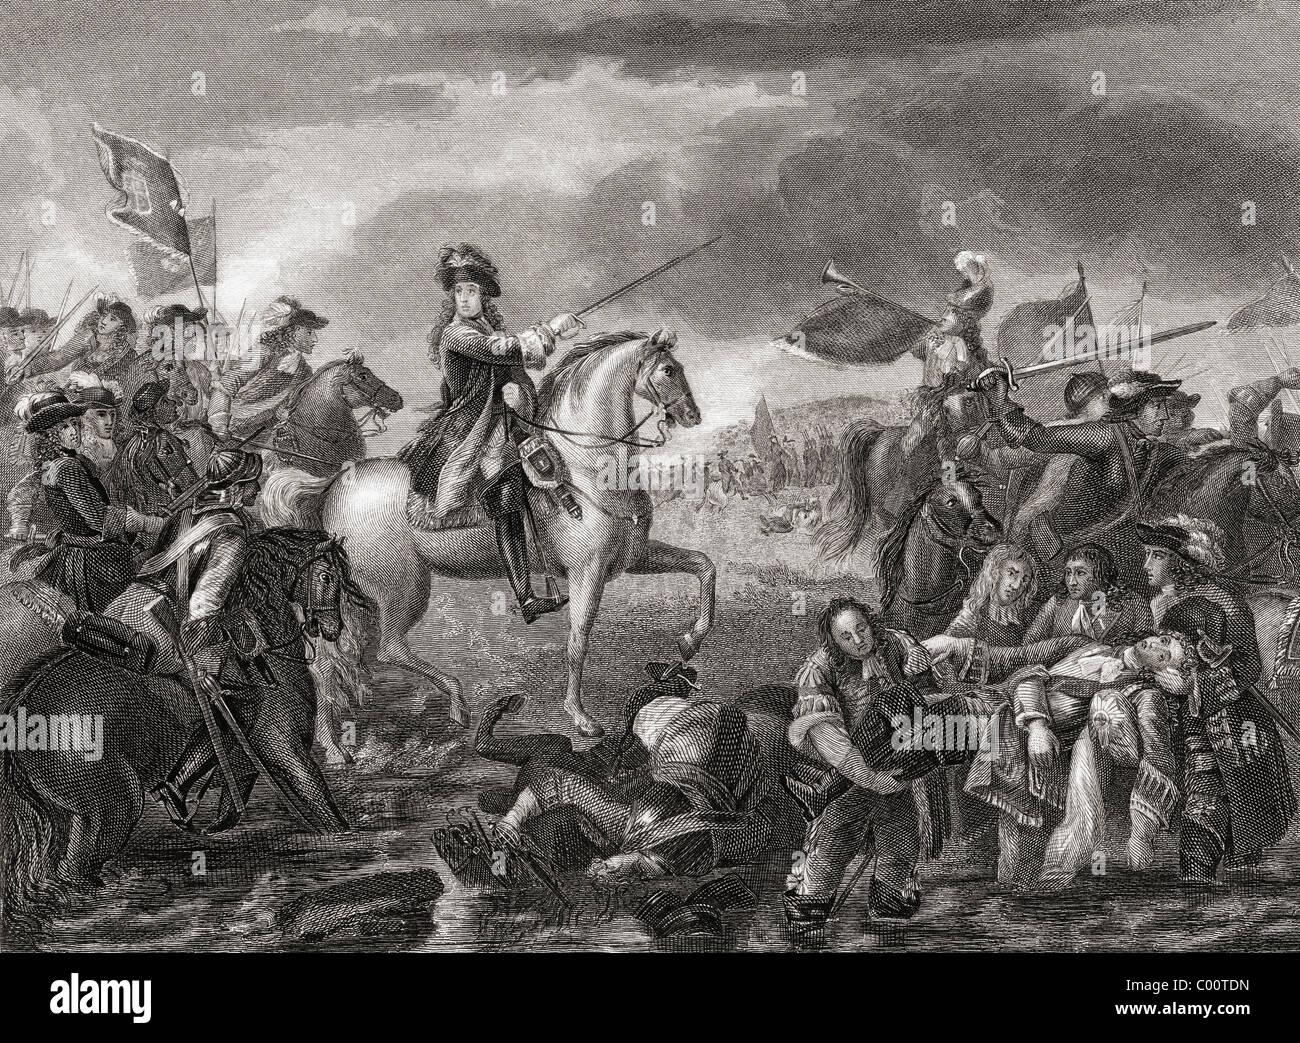 Re Guglielmo III, 1650 - 1702 presso il Centro Visitatori della Battaglia del Boyne, Irlanda nel 1690. Foto Stock